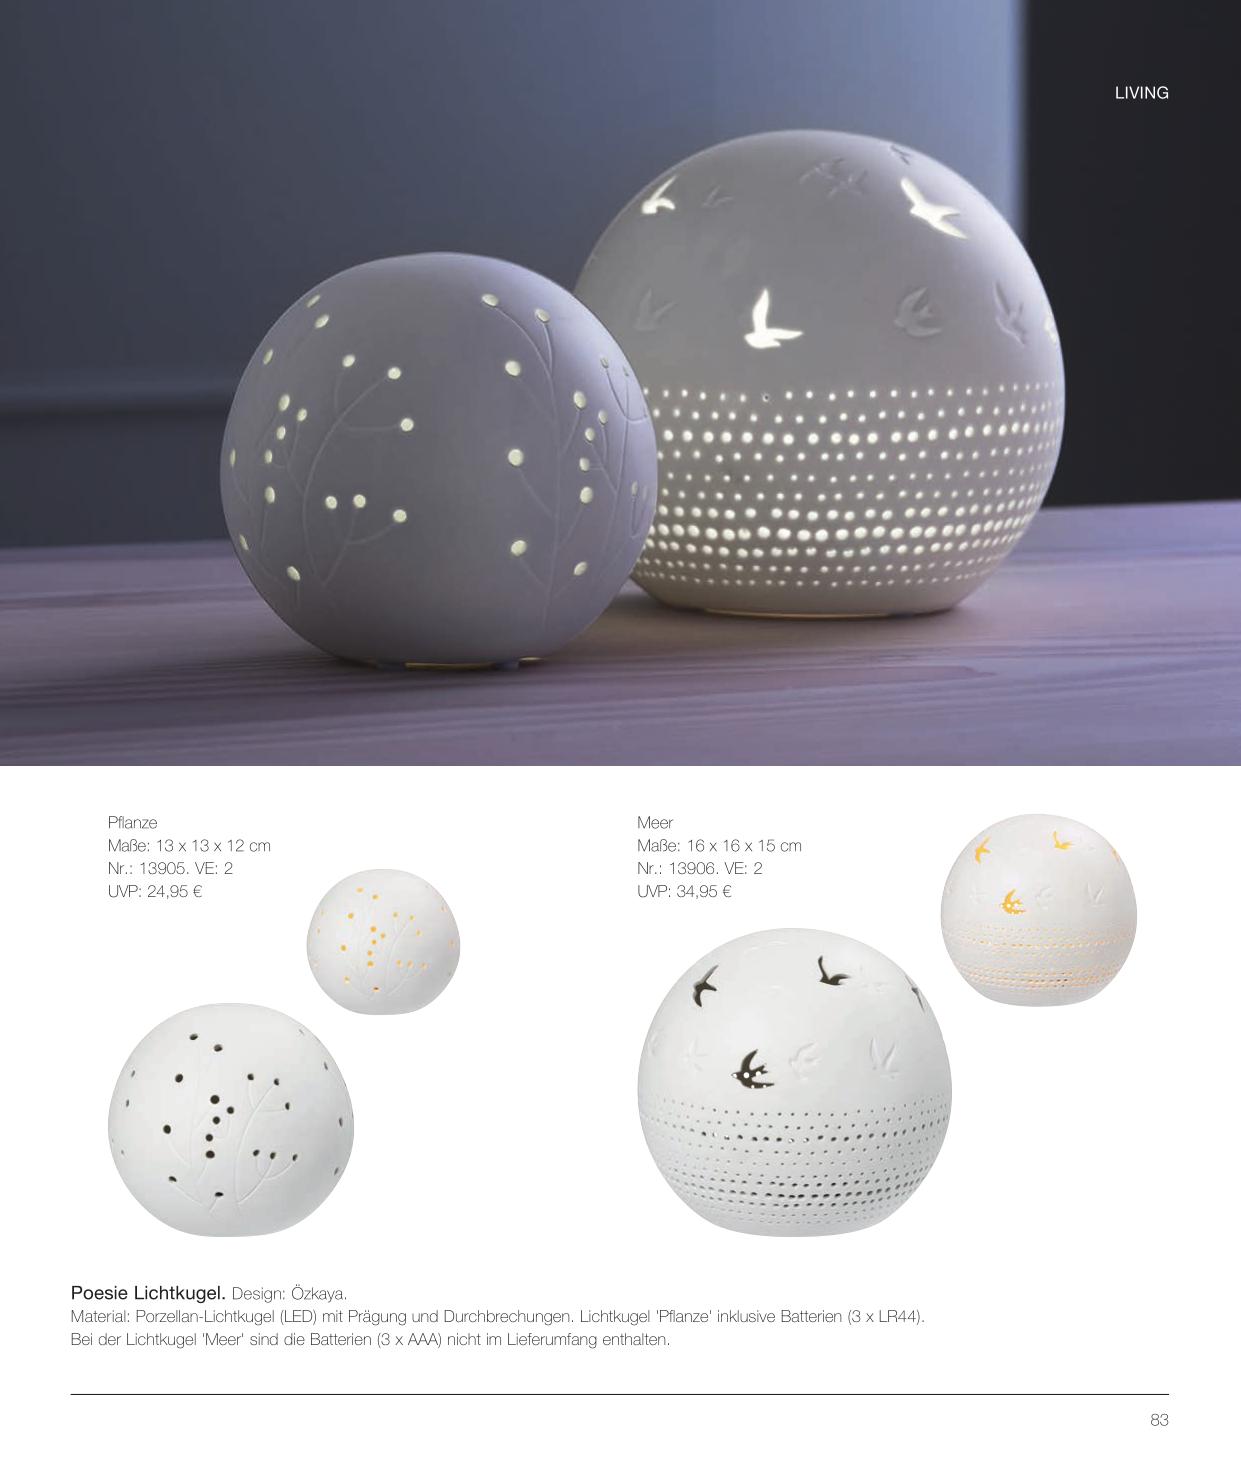 Räder Zuhause Poesie Lichtkugel LED Licht Meer